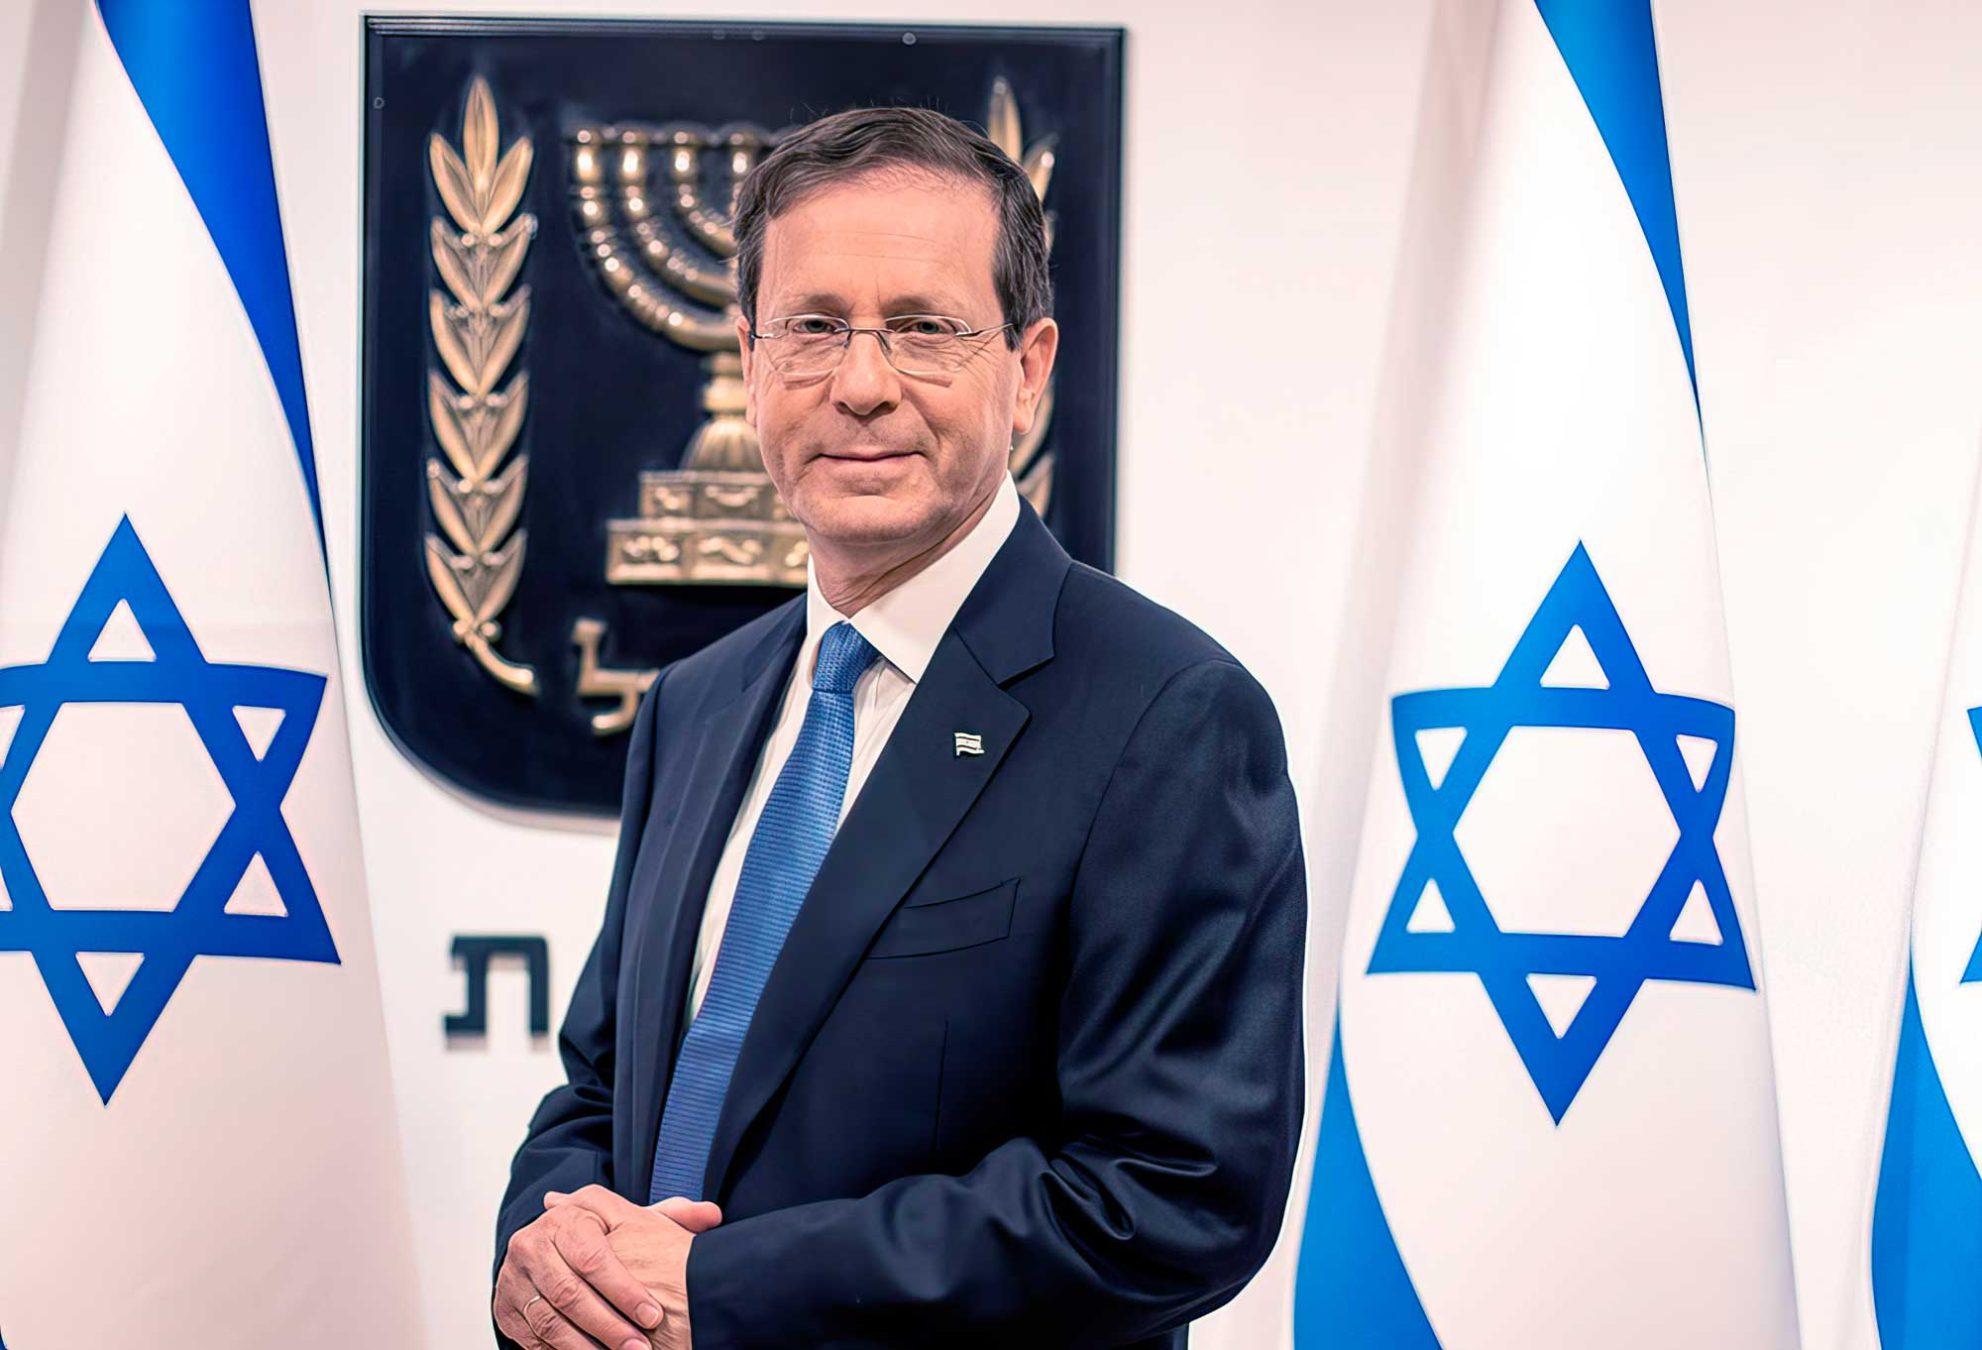 Isaac Herzog asumirá el cargo de undécimo presidente de Israel